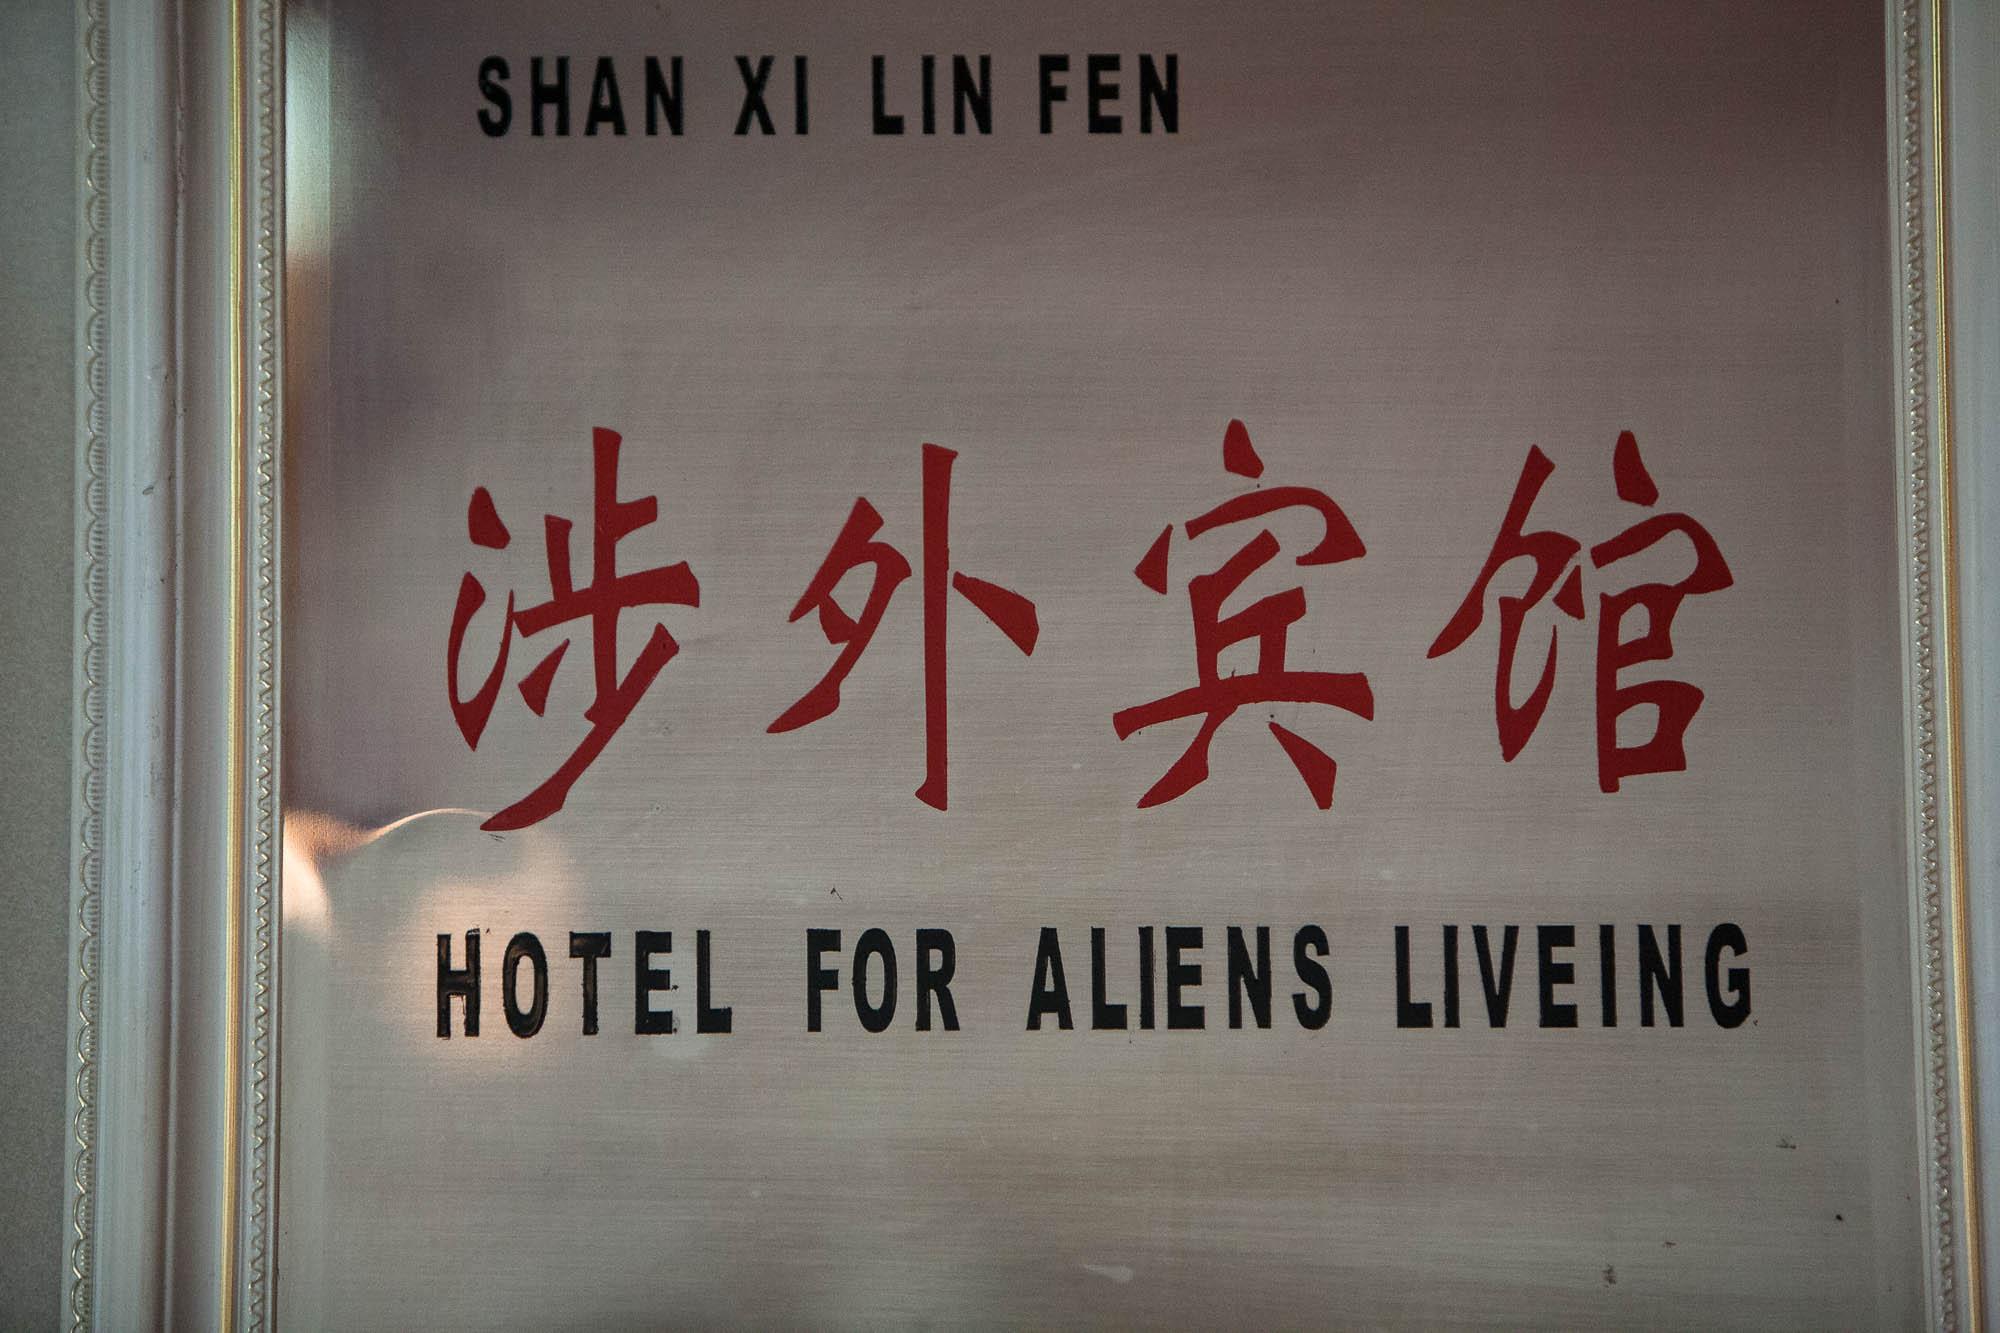 hotel for aliens living